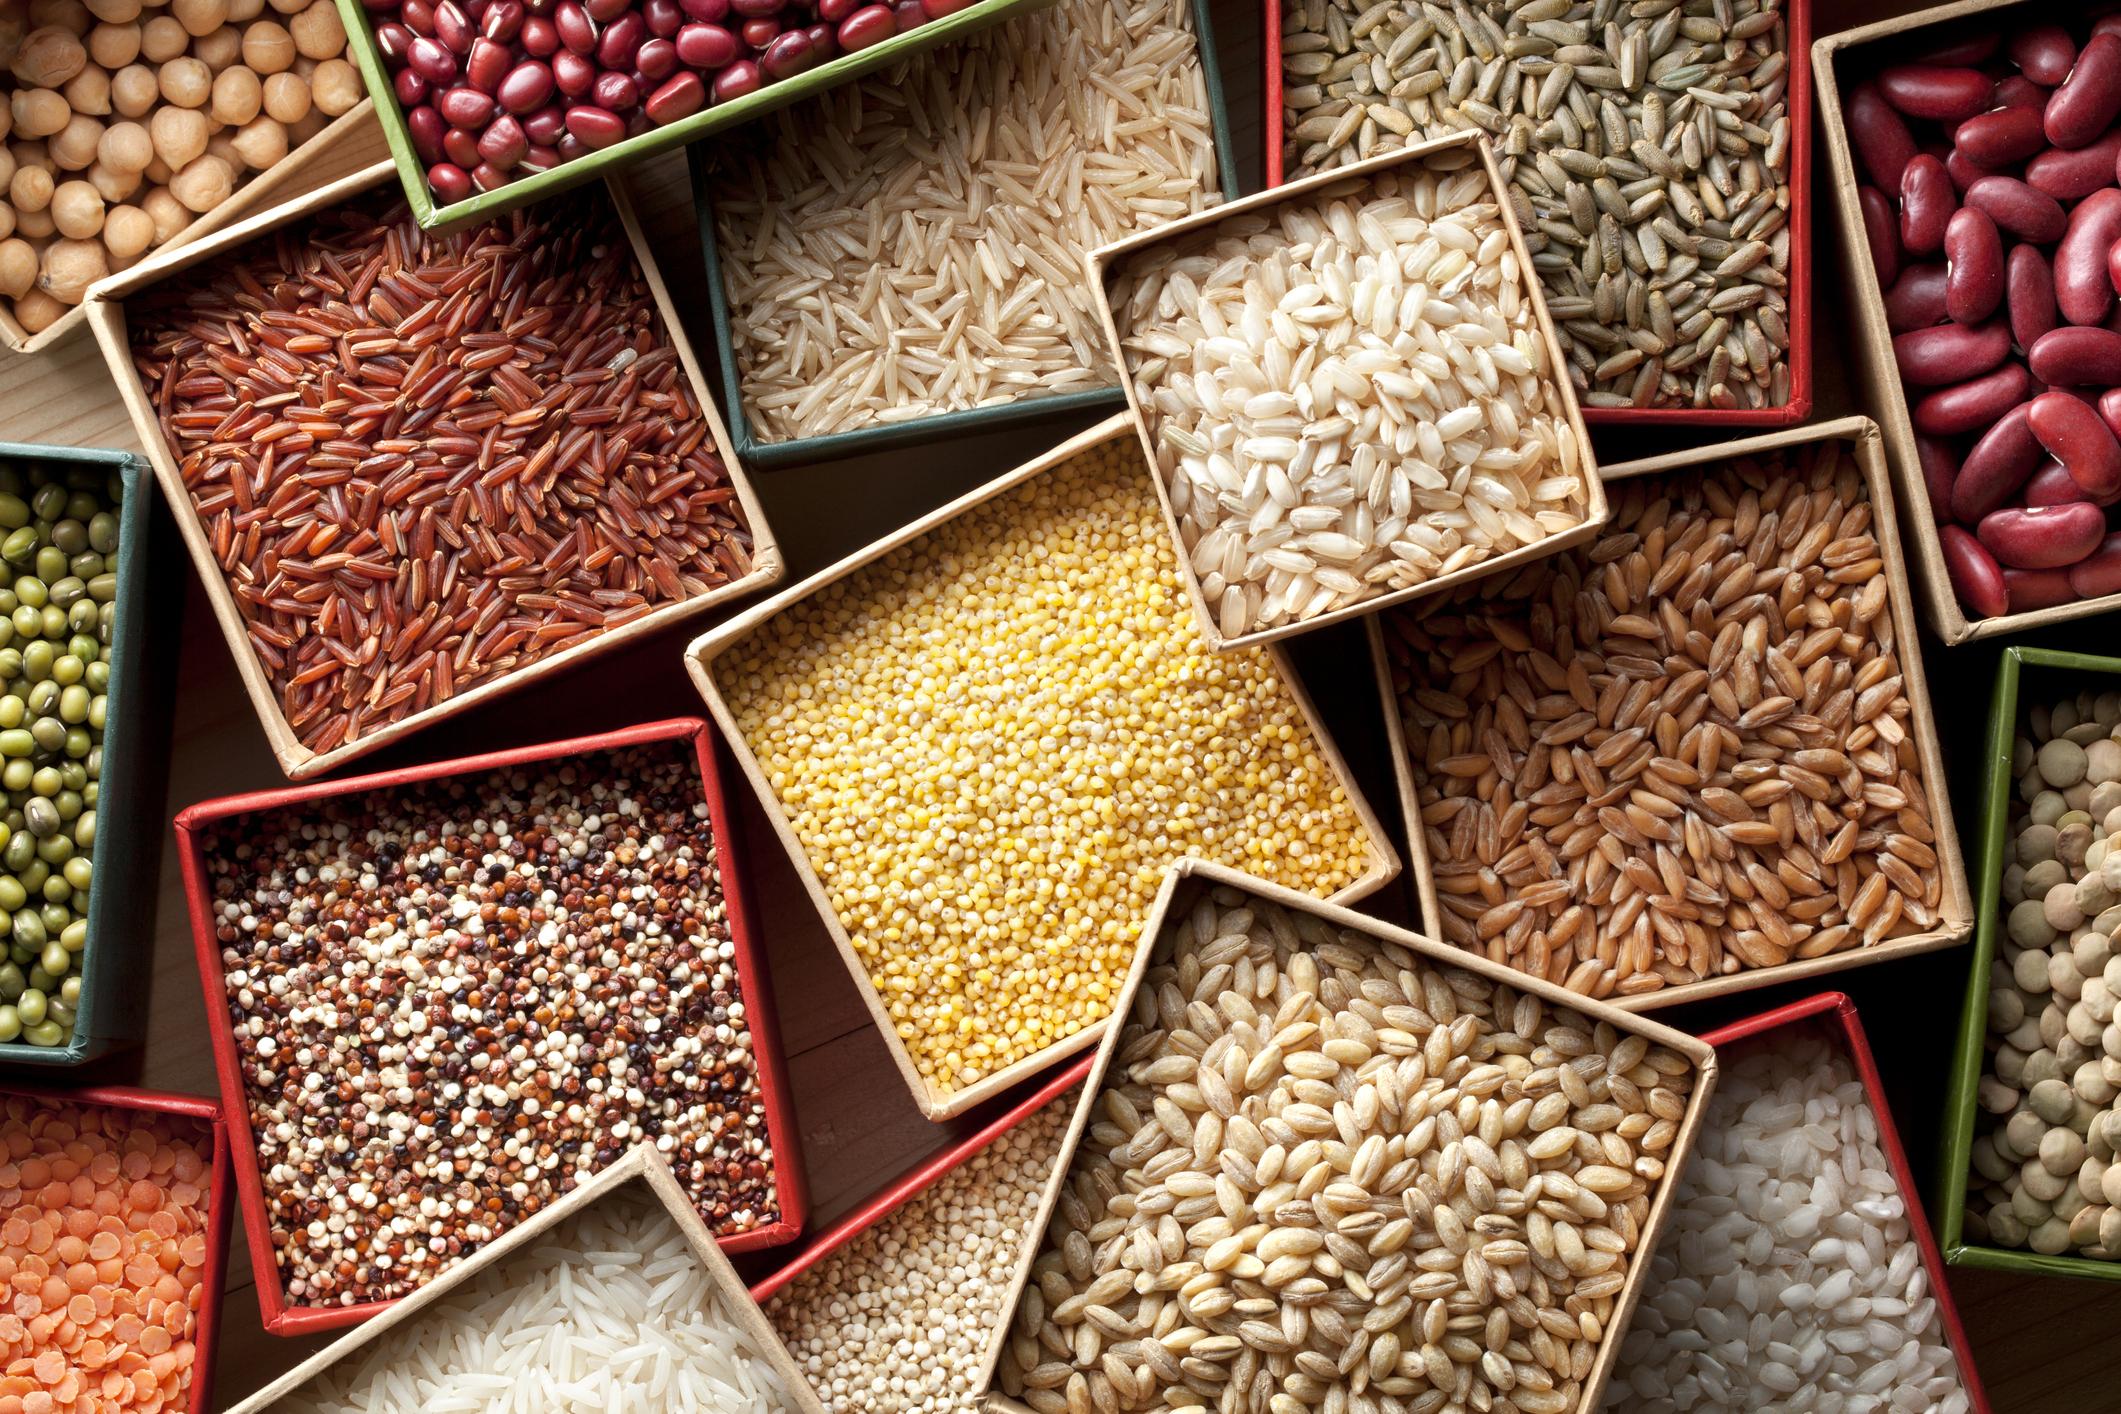 Άμυλο τροφές: Γιατί είναι σημαντική η κατανάλωση αμύλου στη διατροφή μας